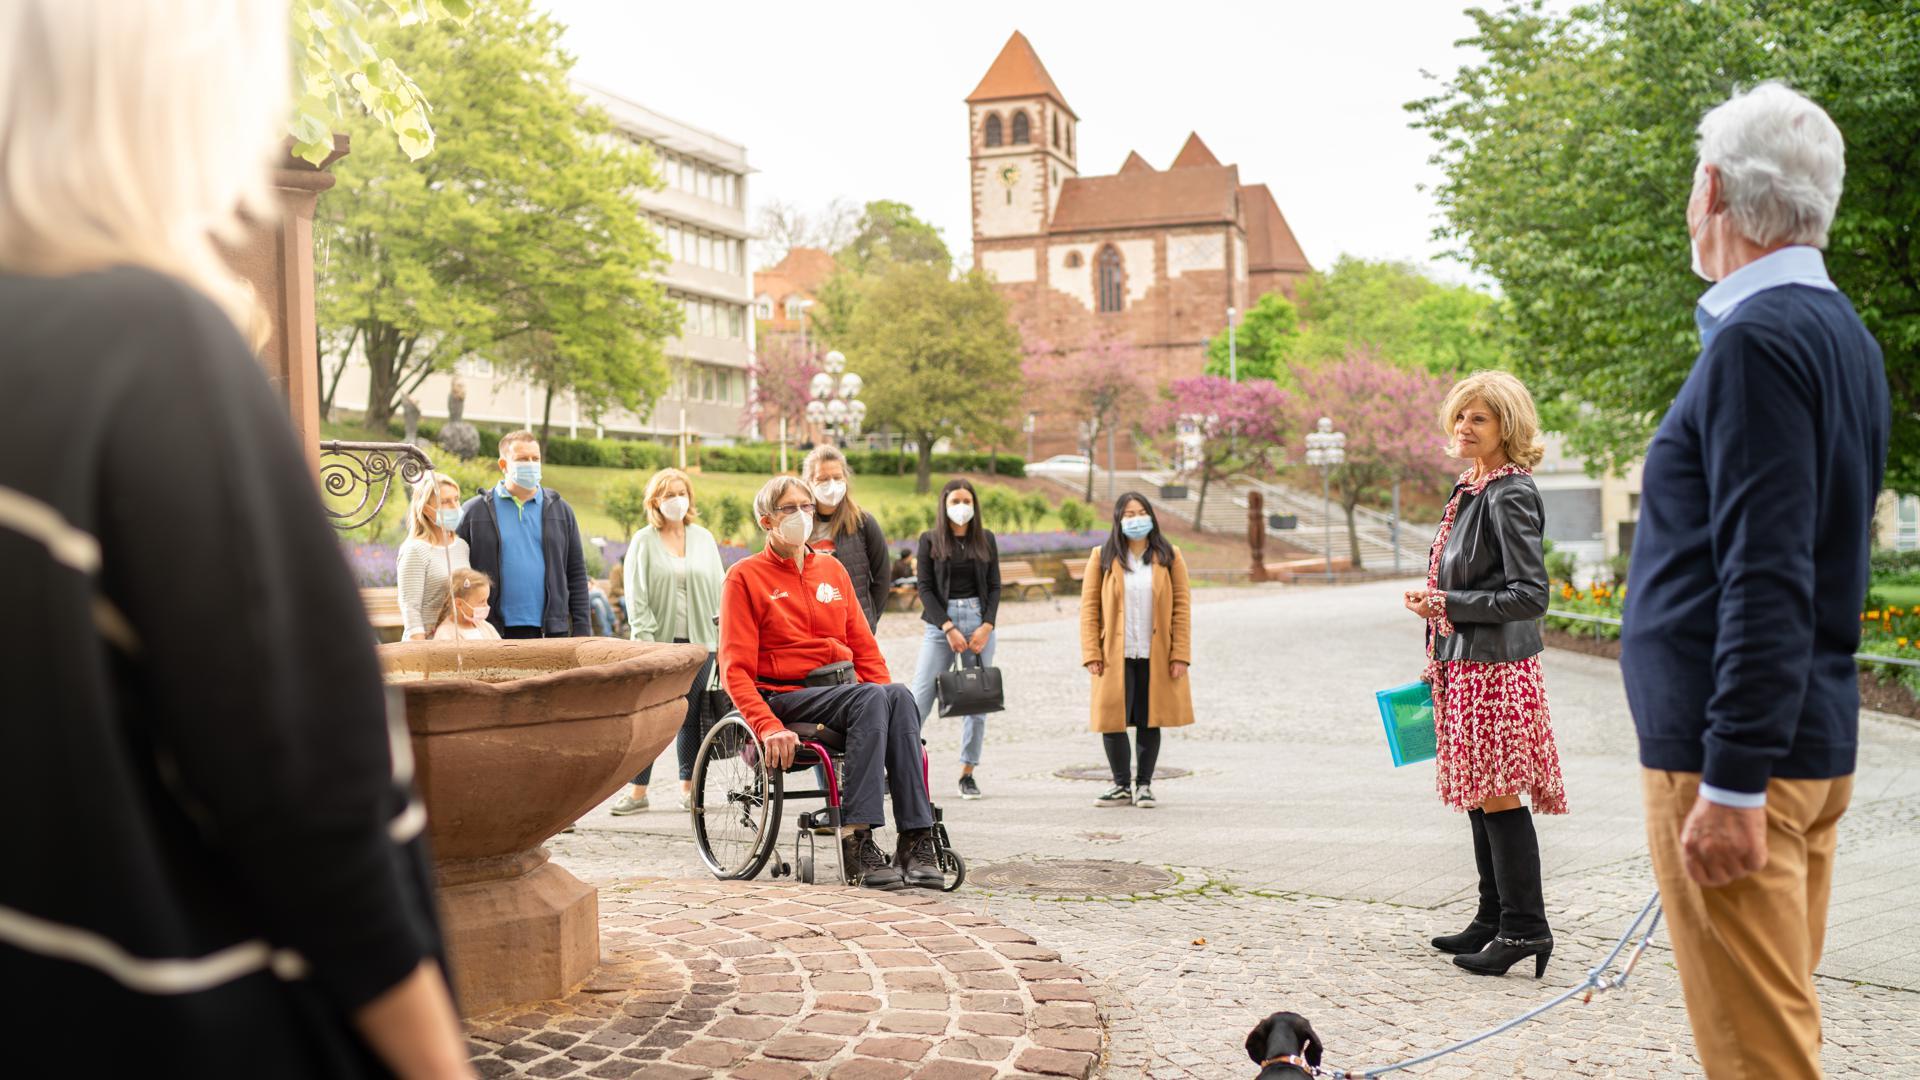 Corona-gerechte Stadtführung im Blumenhof von Pforzheim mit der Schlosskirche im Hintergrund